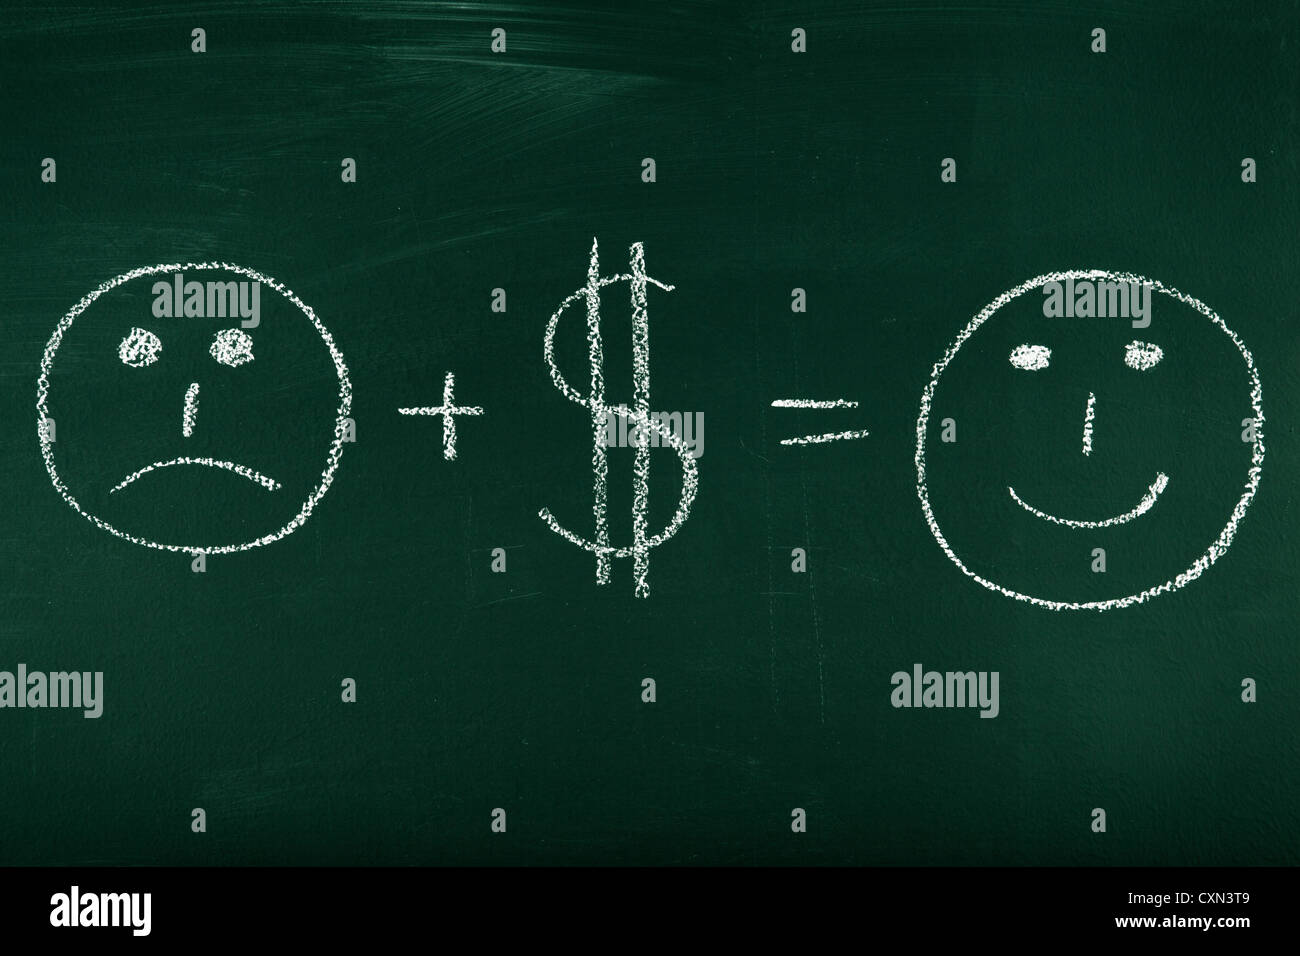 L'argent peut changer votre vie - concept illustré on chalkboard Photo Stock